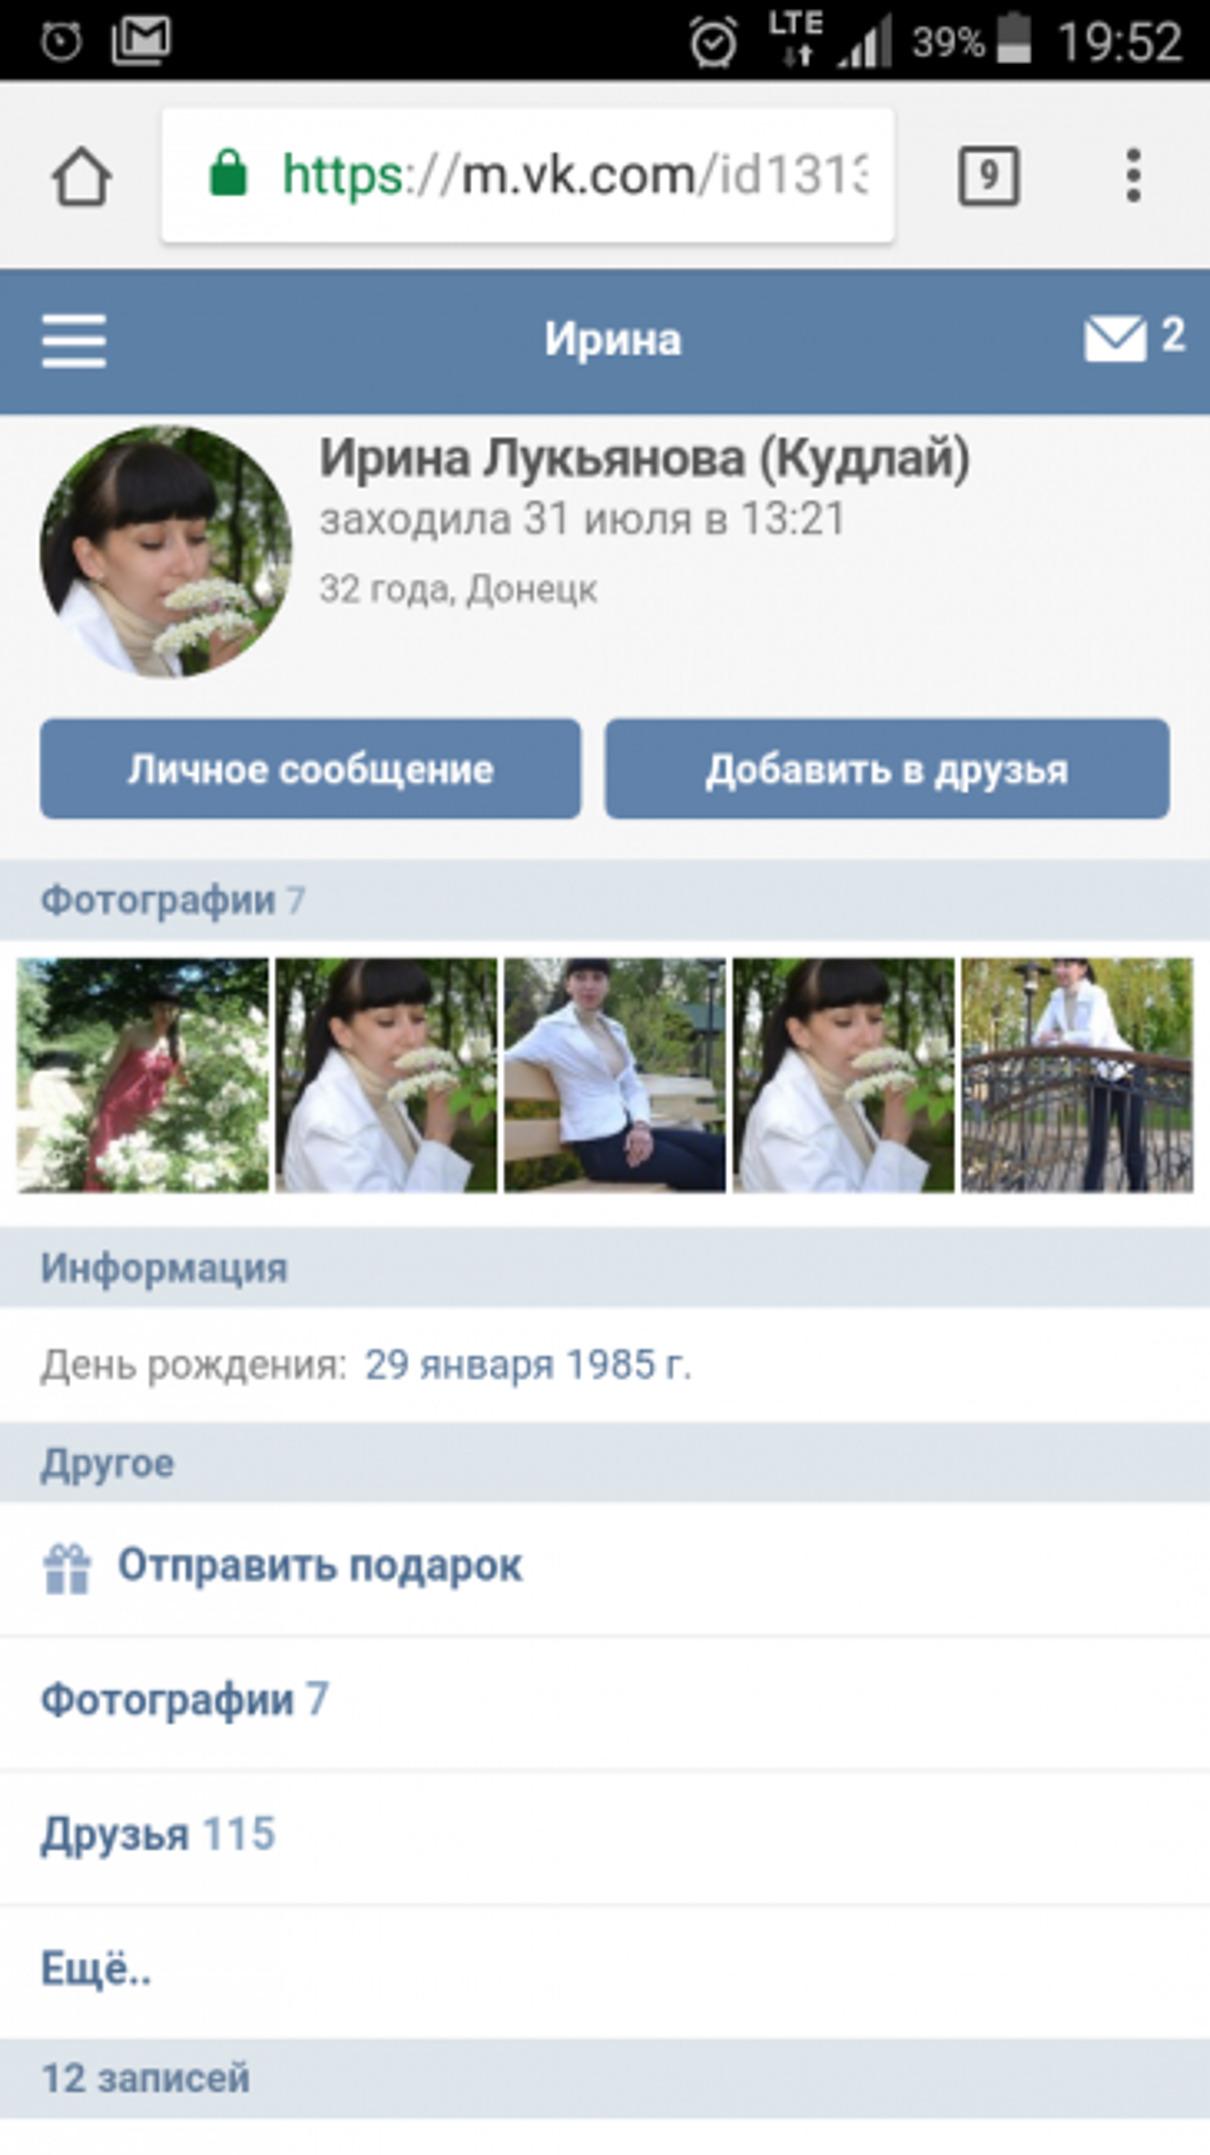 Жалоба-отзыв: ВОРЫ - Украли посылку на Укрпочте.  Фото №3